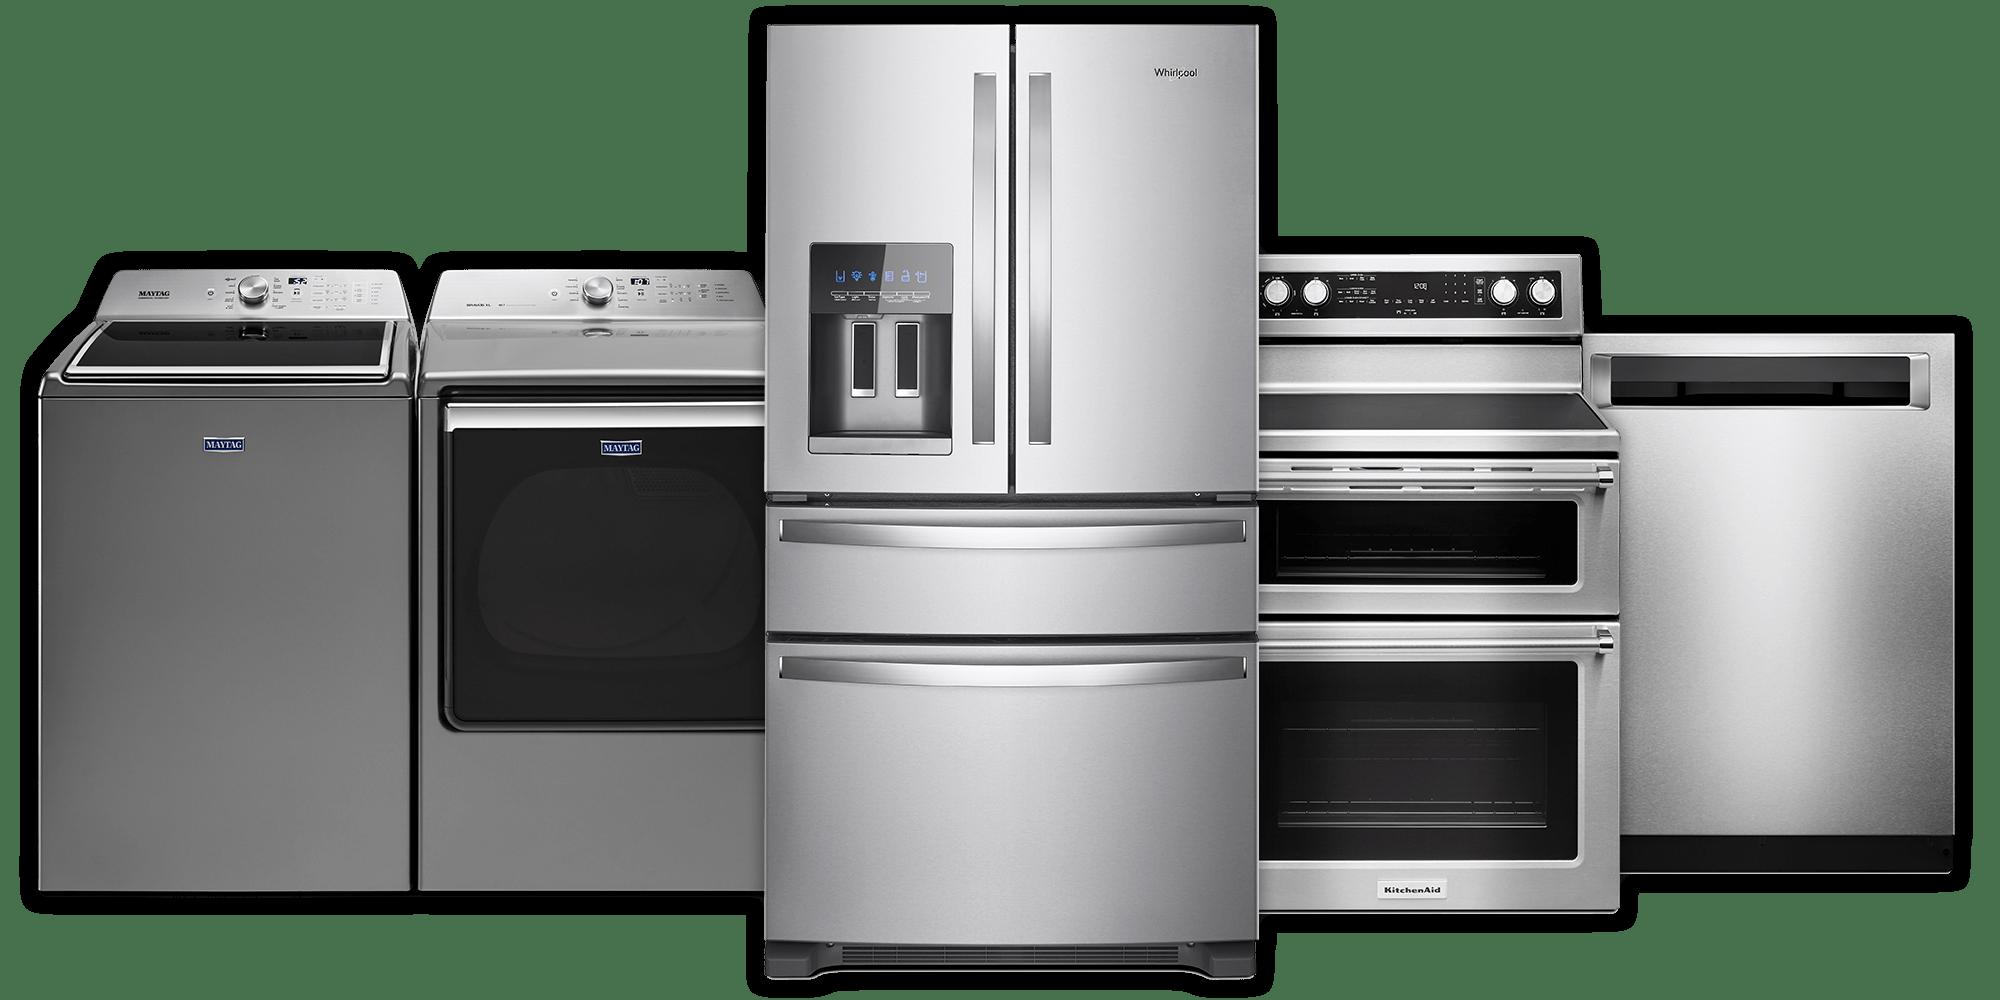 冰箱开启新阶段,TCL R406P12-UI解锁智能语音生活新方式